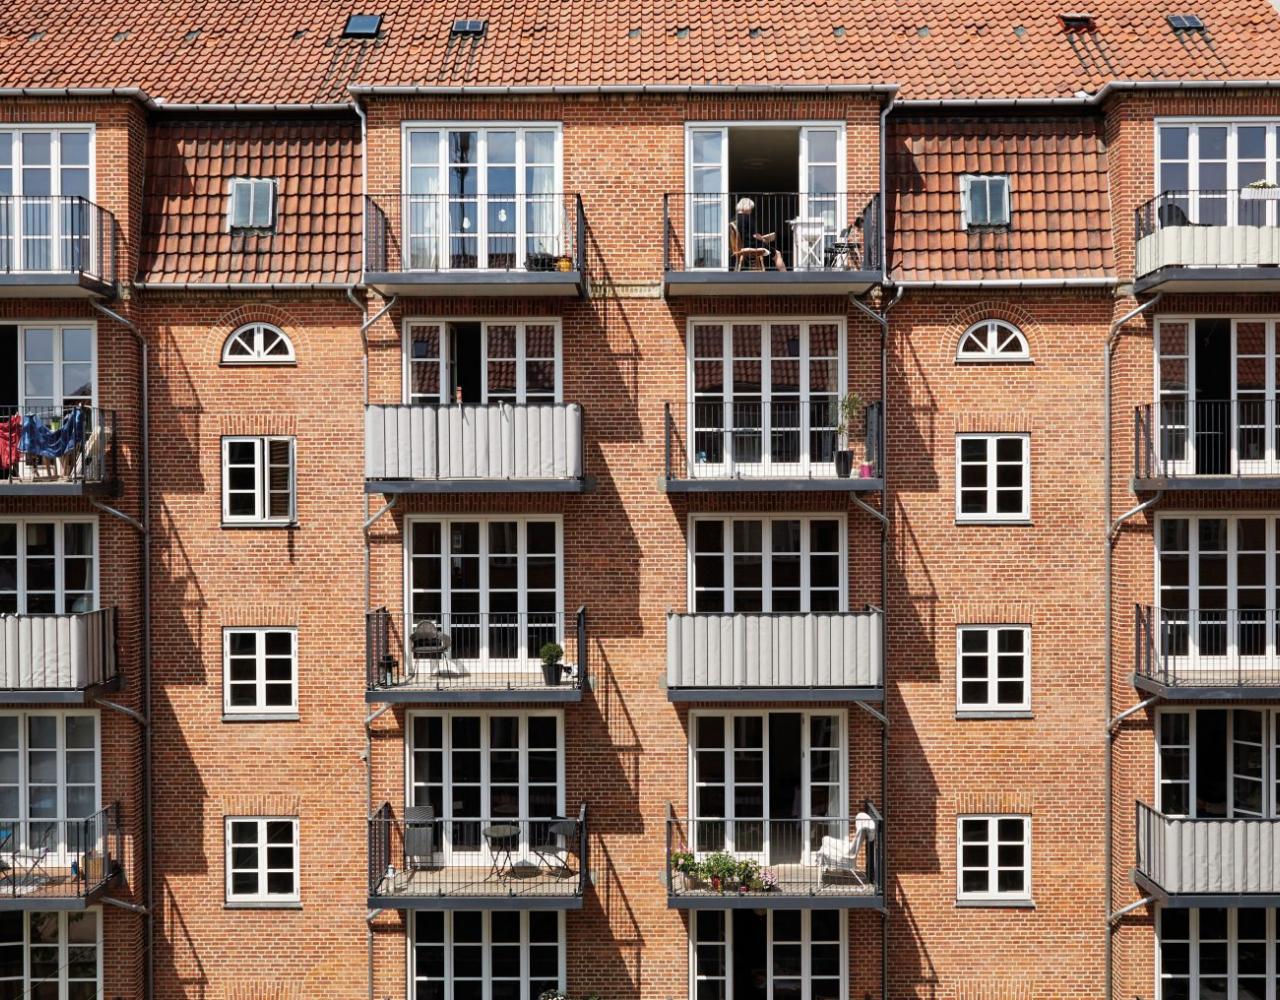 altaner i københavn